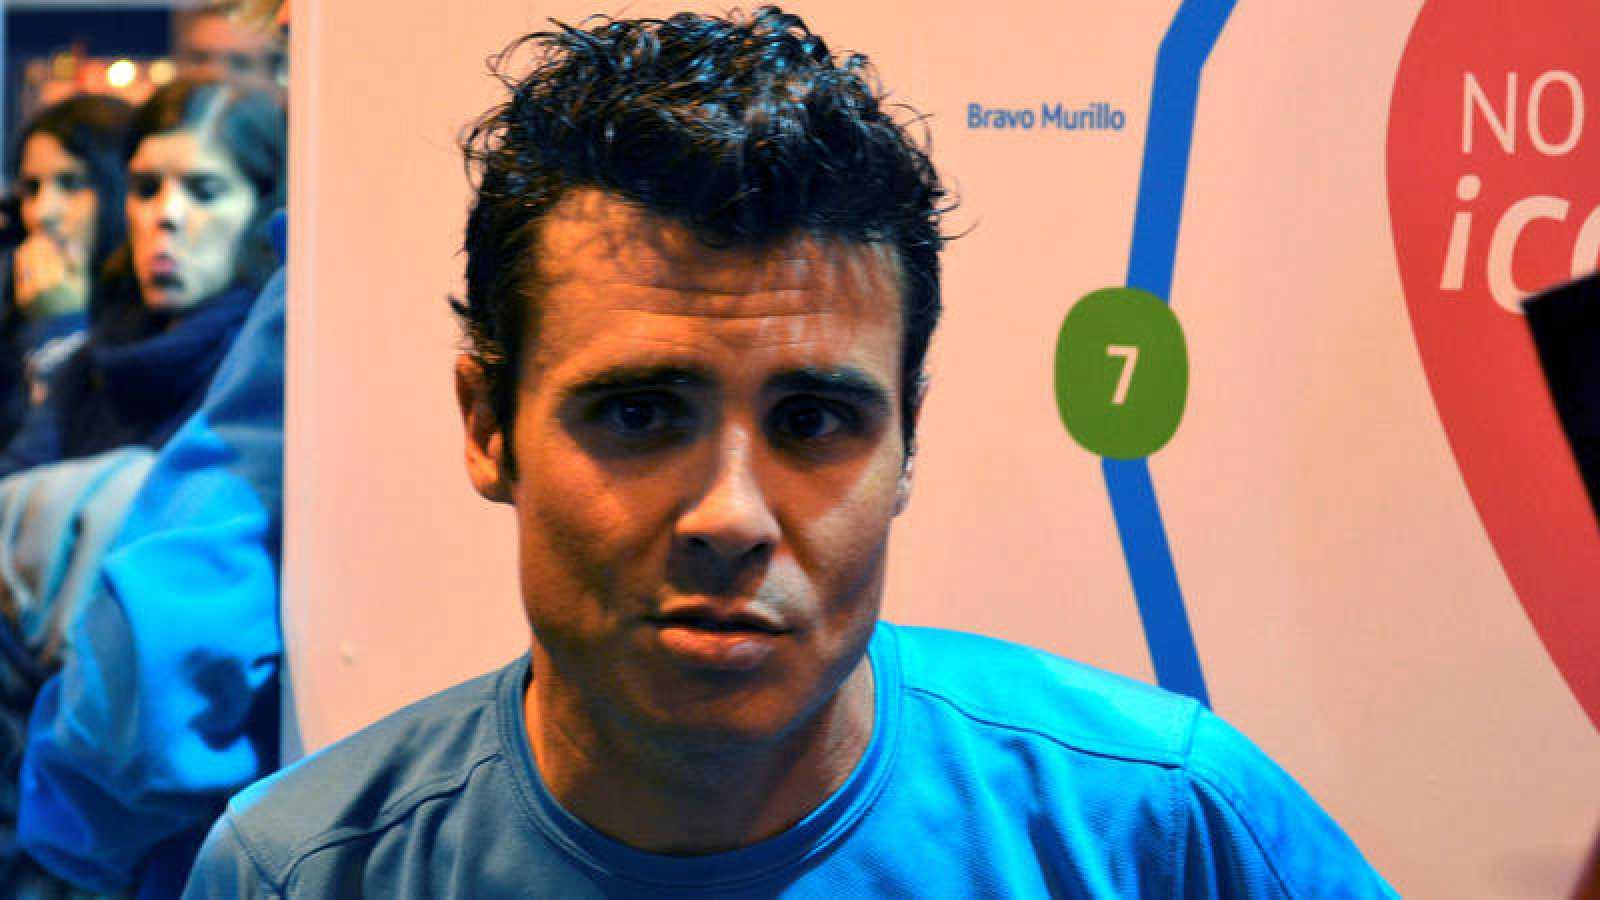 El quíntuple campeón del mundo de triatlón, Javier Gómez Noya.